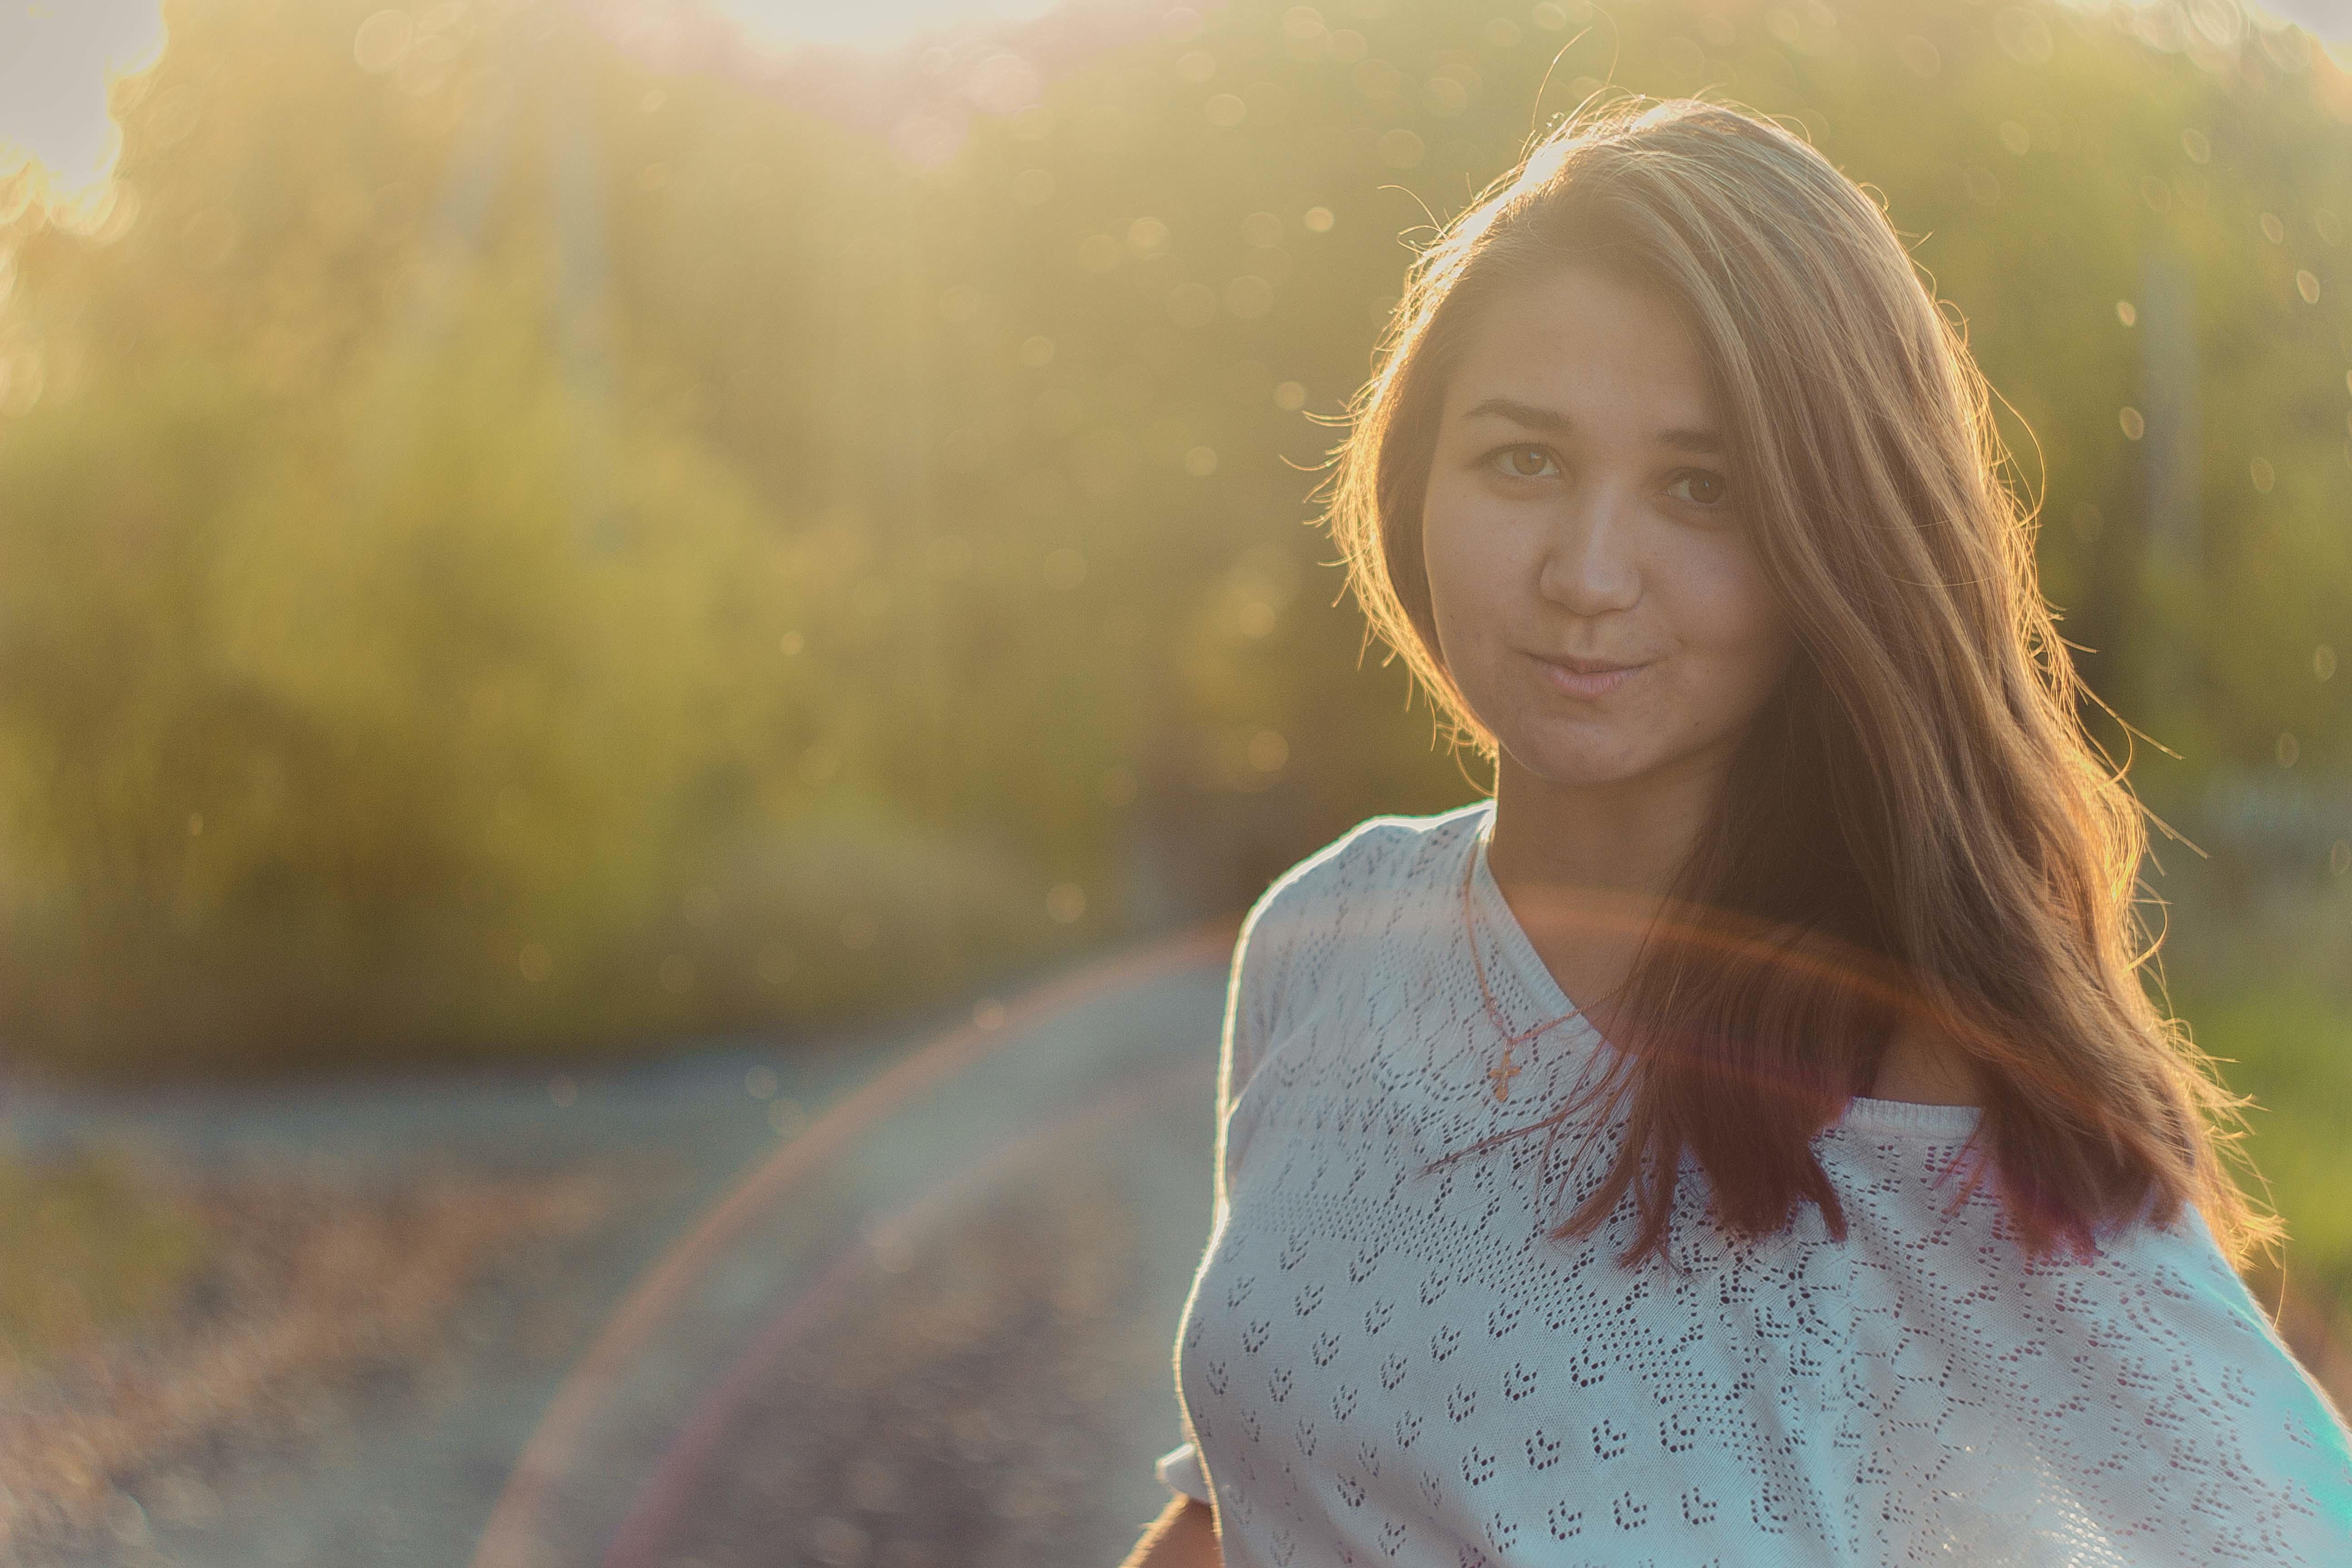 поддерживаете как фотографировать портреты в солнечную погоду настоящее время